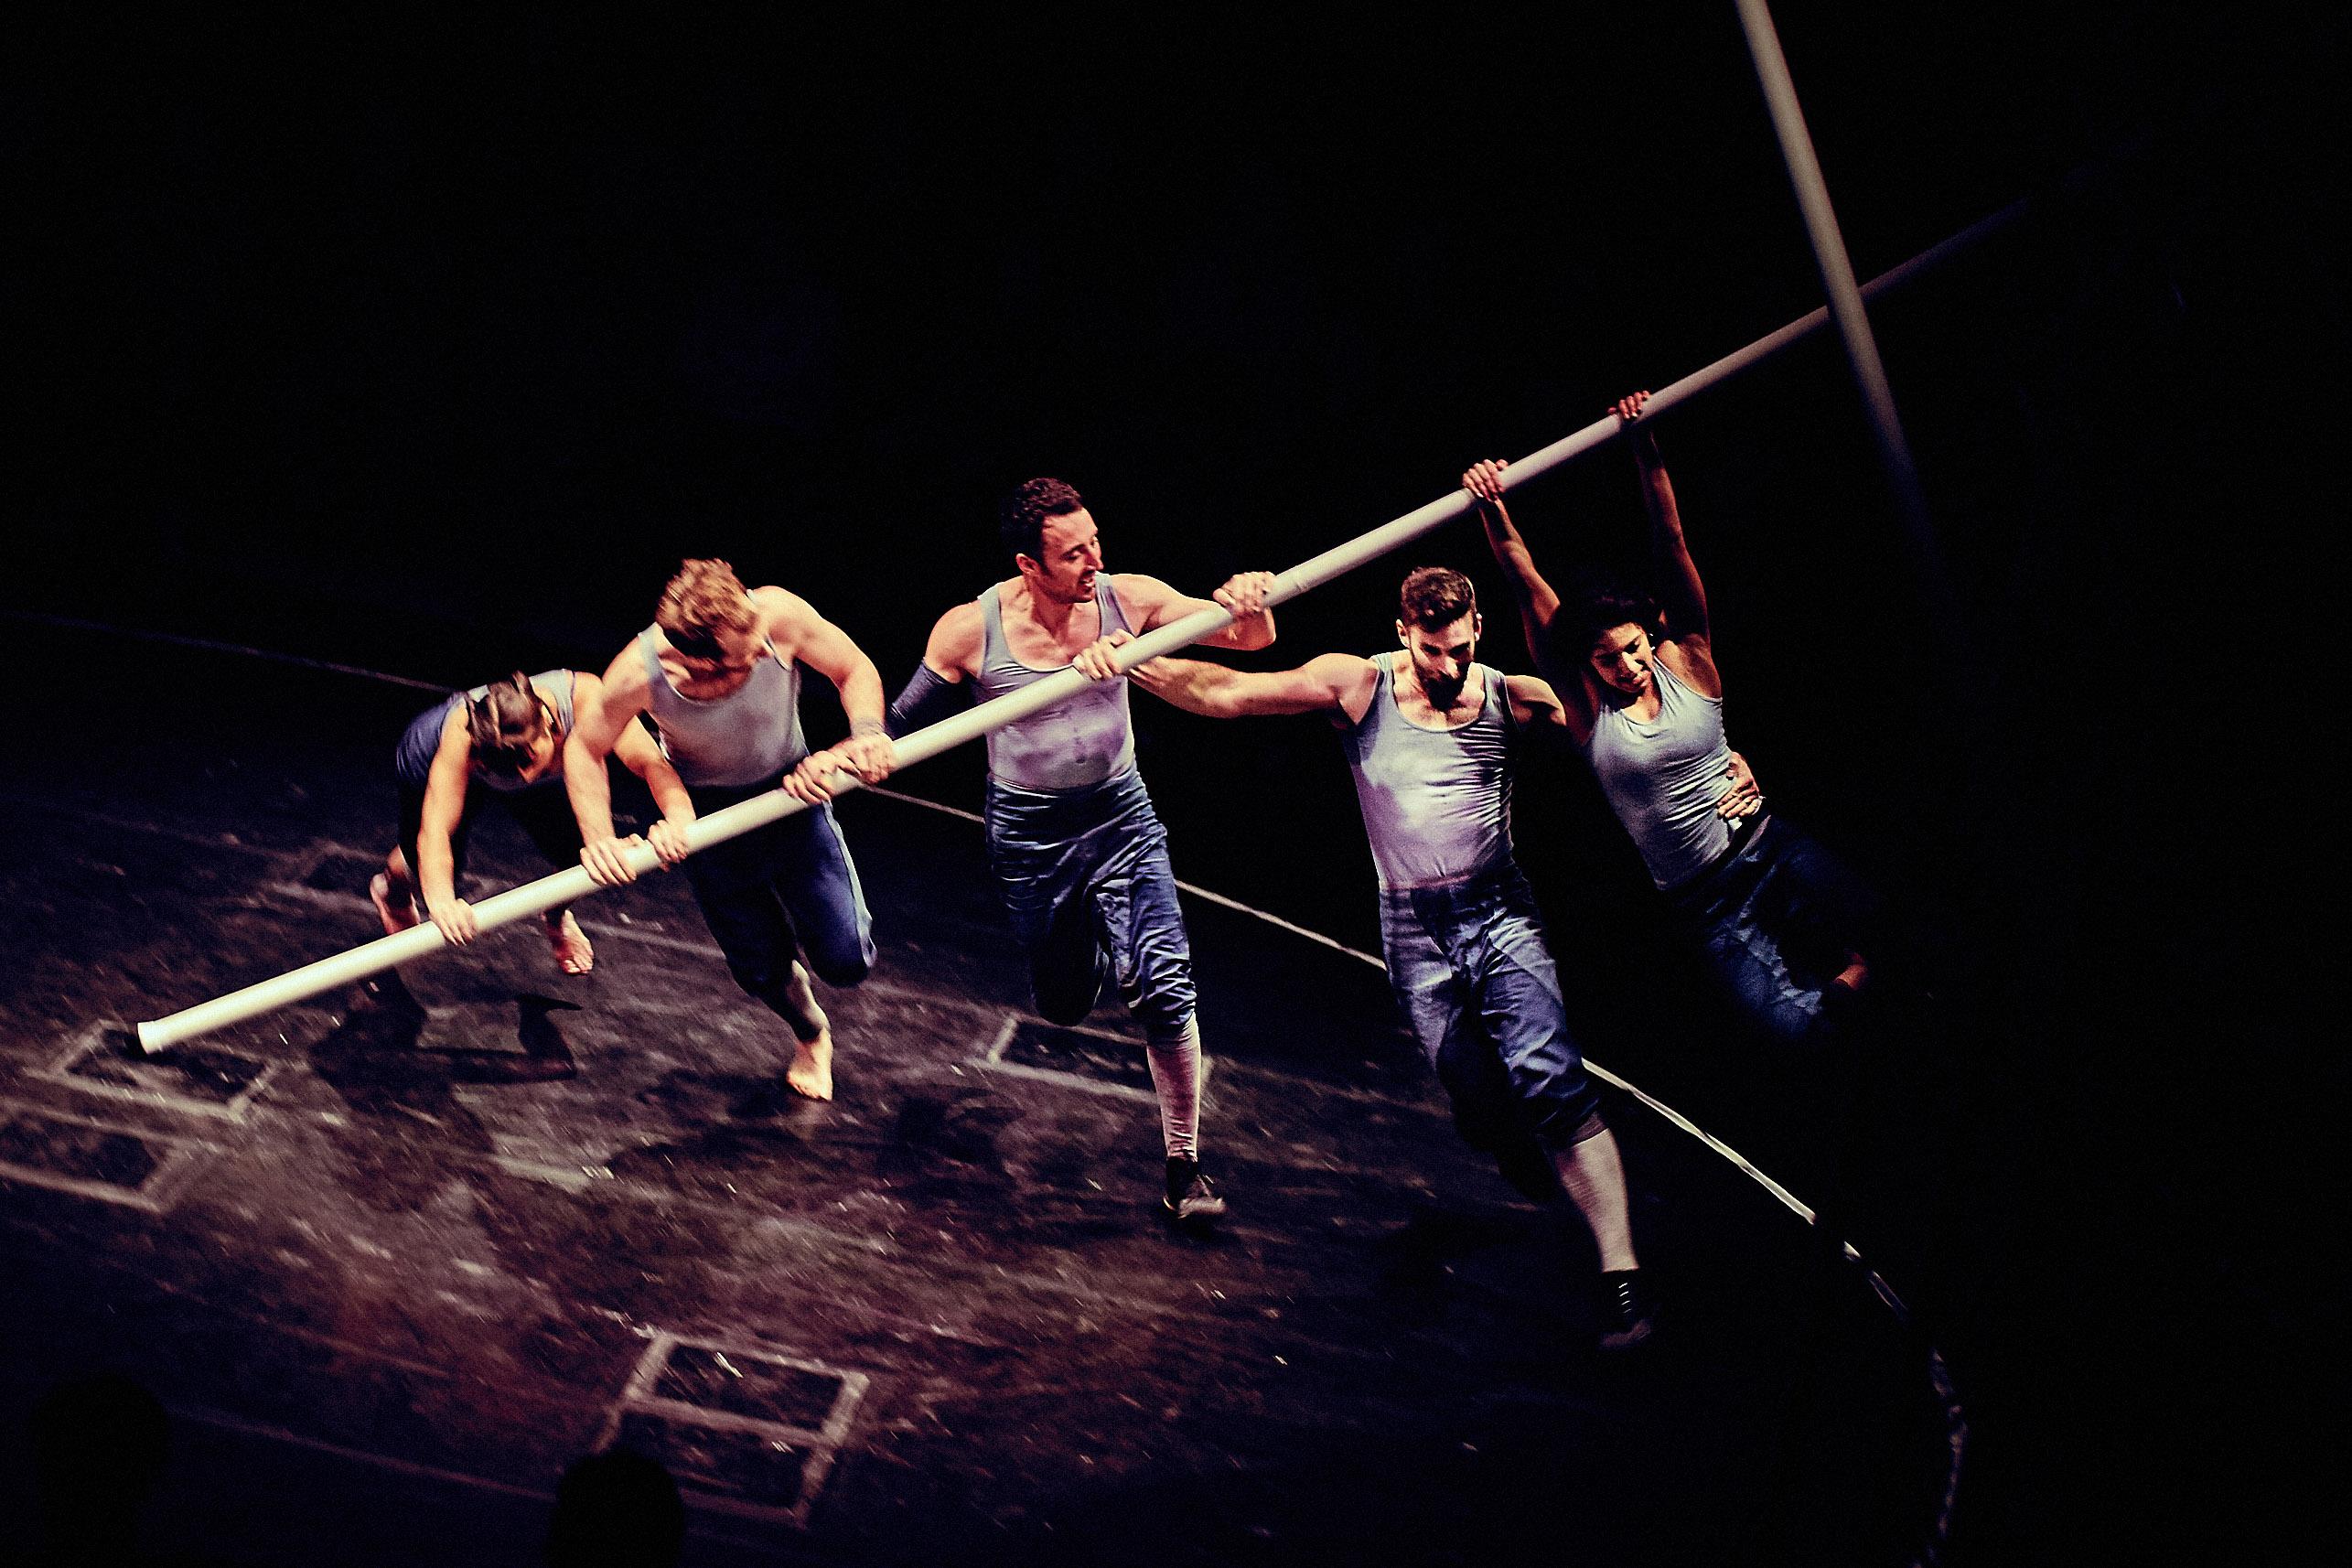 Luftakrobaten auf der Bühne, an einer Stange hängend.